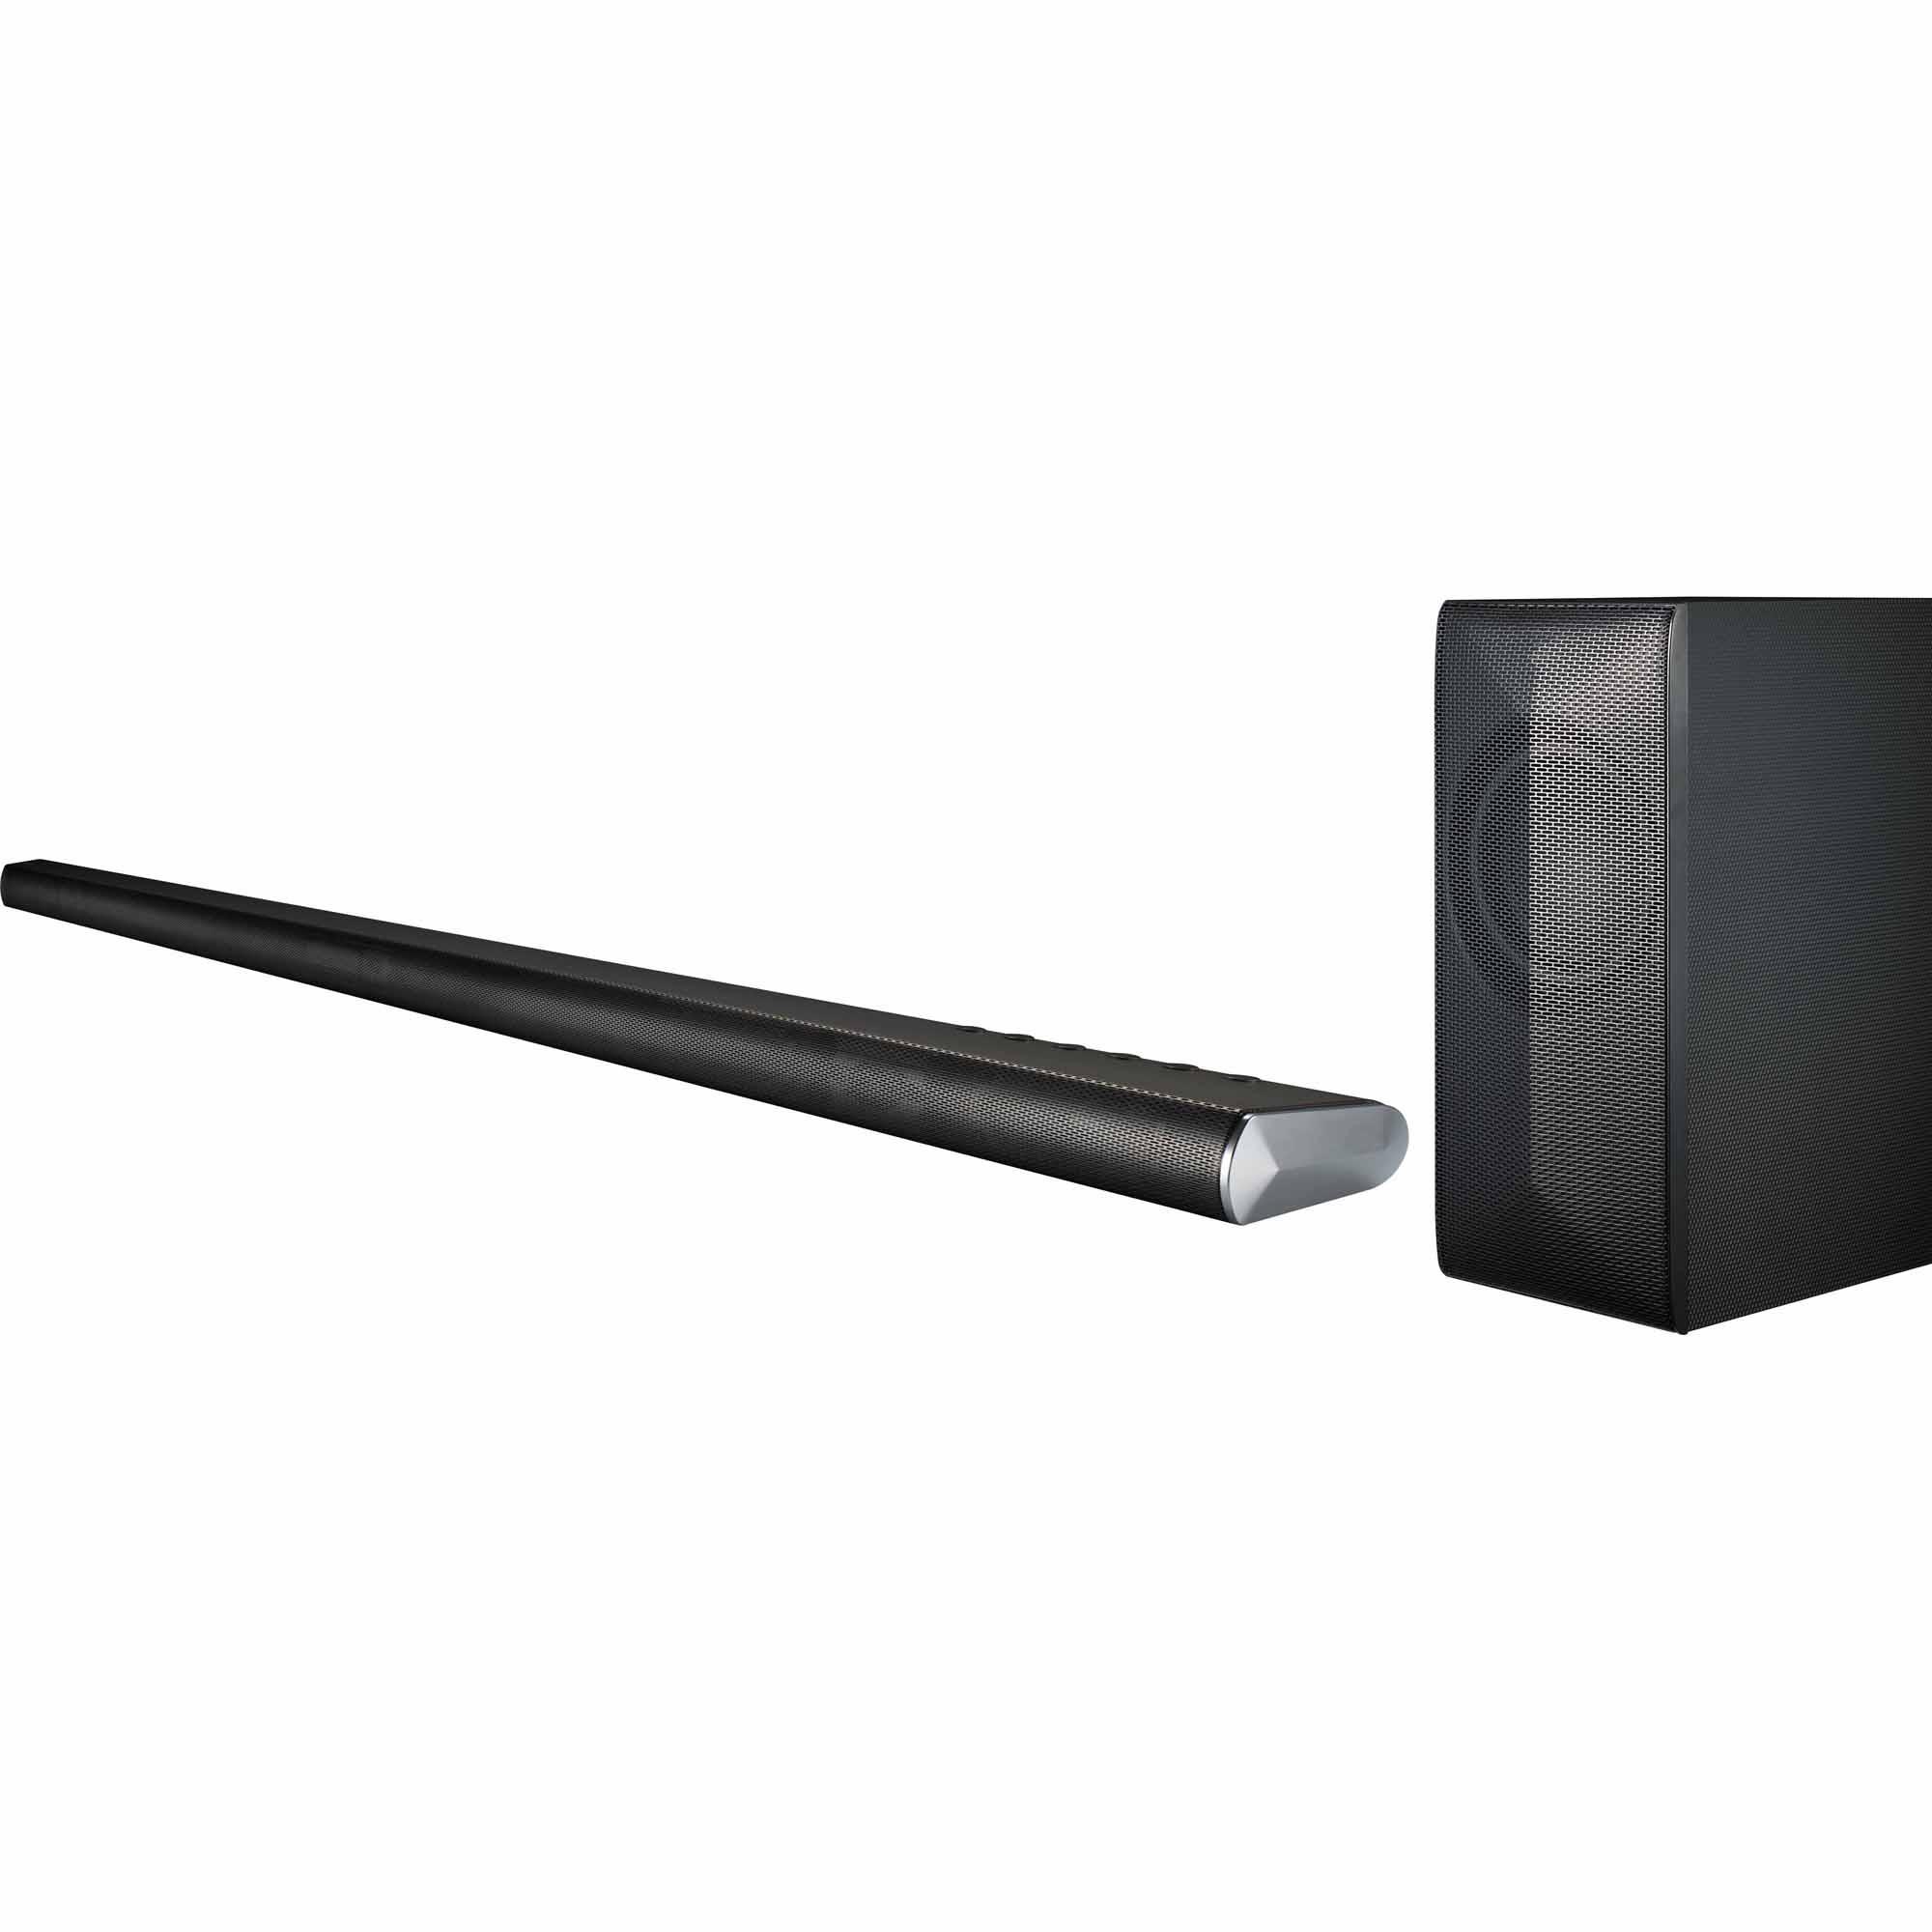 LG 4.1ch 360W Smart Hi-Fi Wireless SoundBar - LAS751M